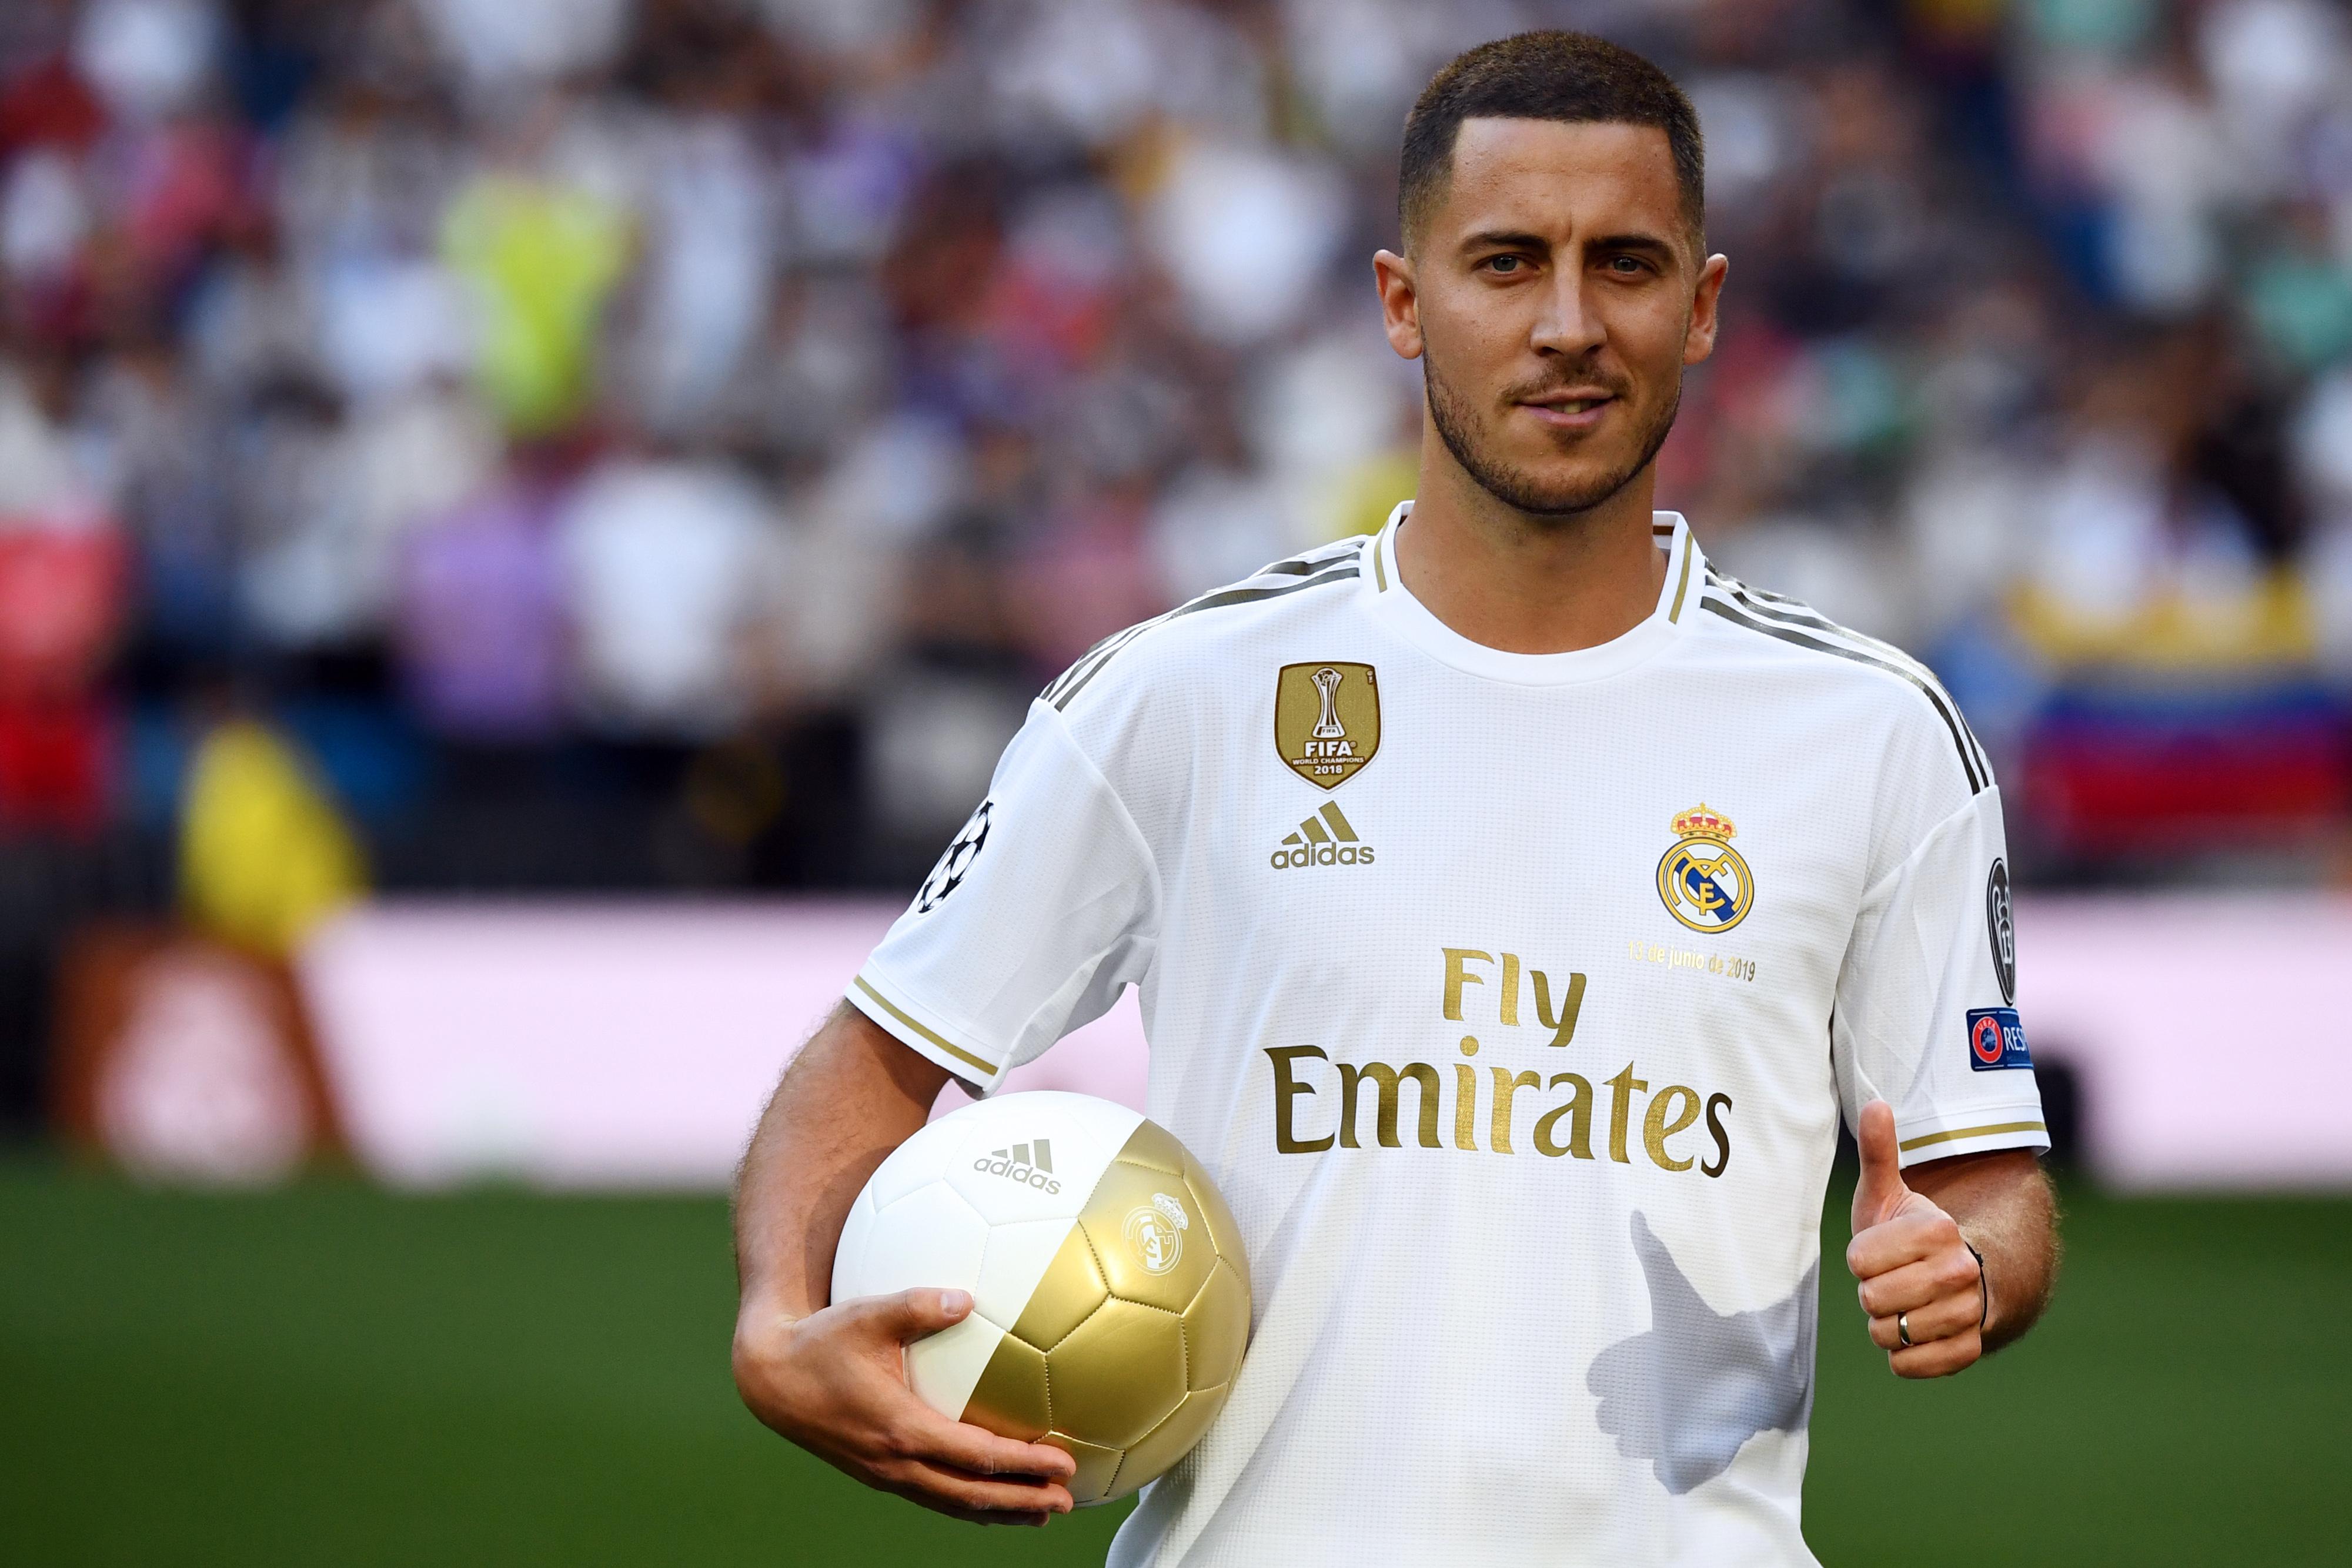 Eden Hazard, Chelsea'den ayrıldı ve Real Madrid ile sözleşme imzaladı.